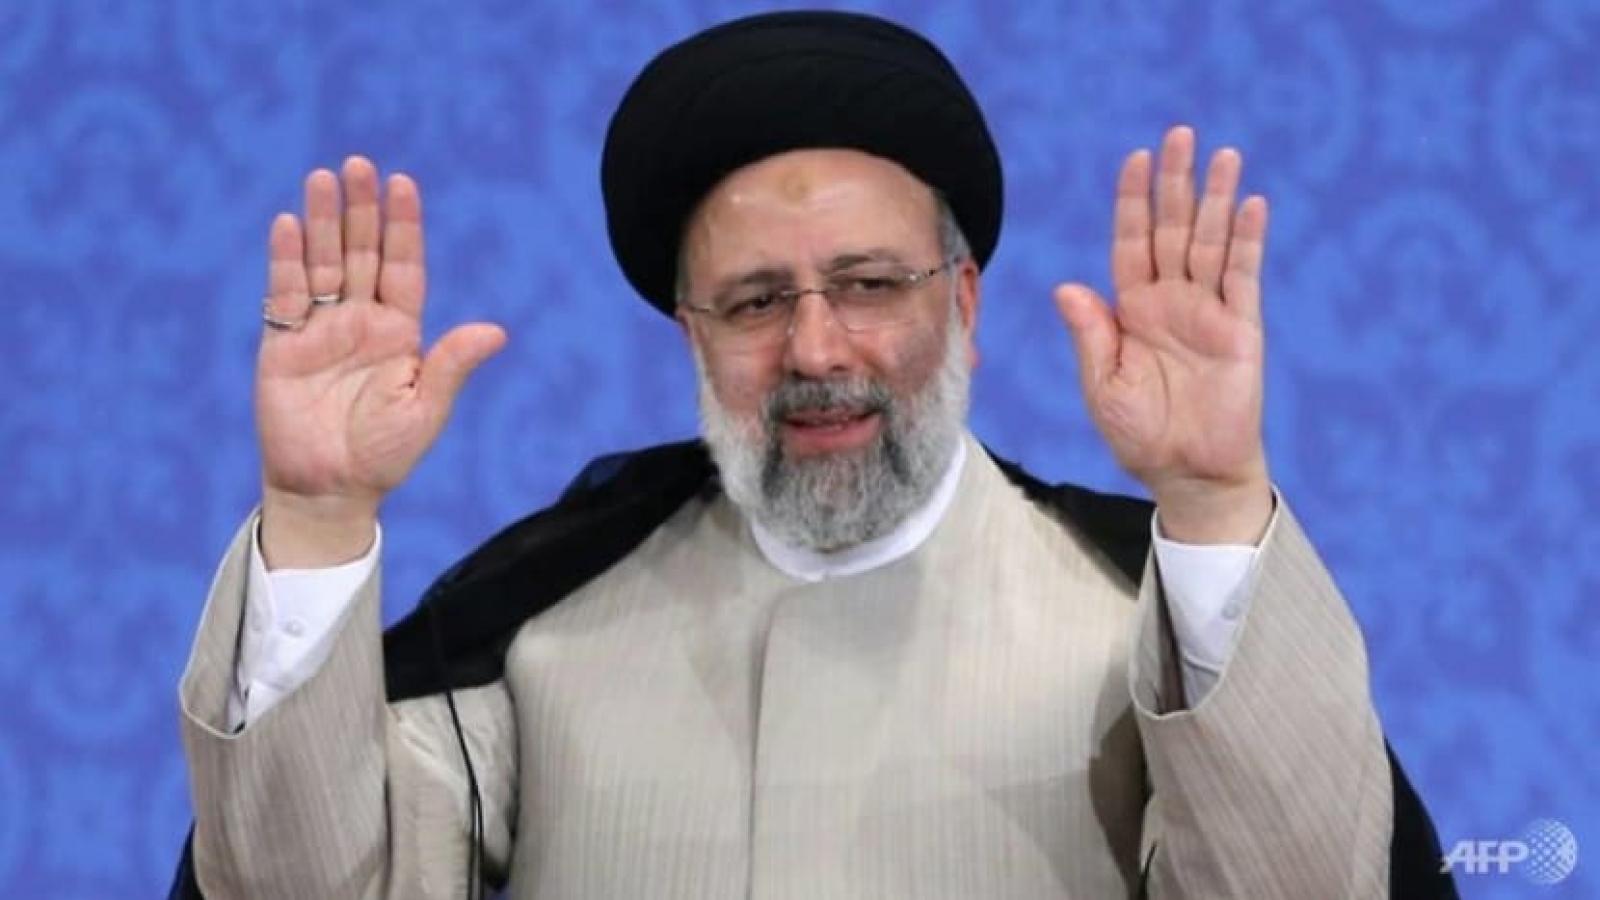 Tân Tổng thống Iran nhậm chức: Dấu chấm hết cho nỗ lực ngoại giao của Mỹ?